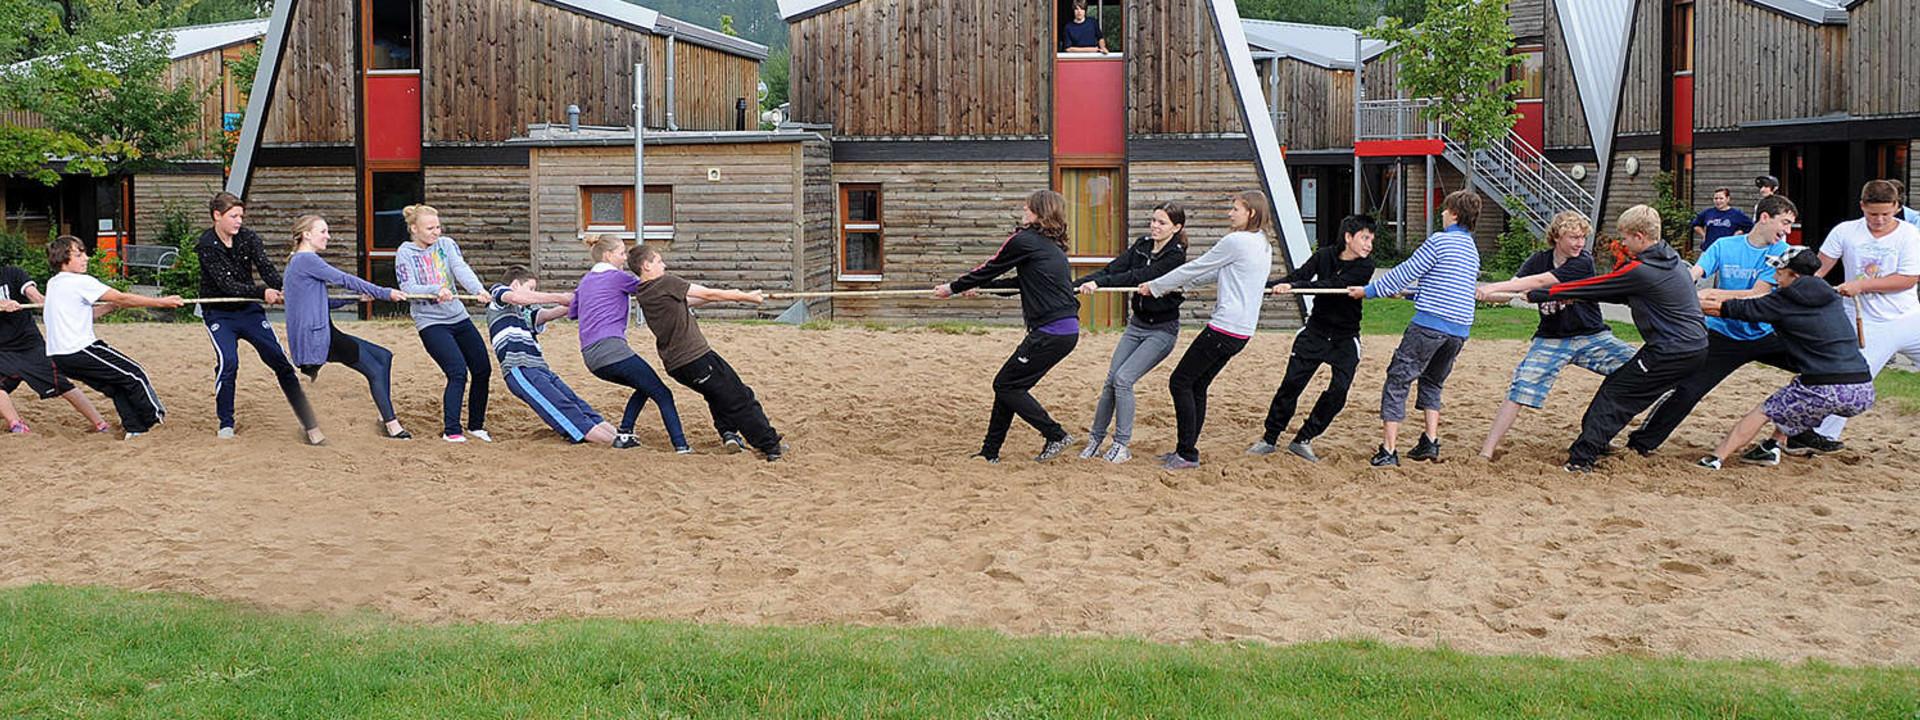 sportjugend nrw - Kinderturnen Gerateaufbau Beispiele